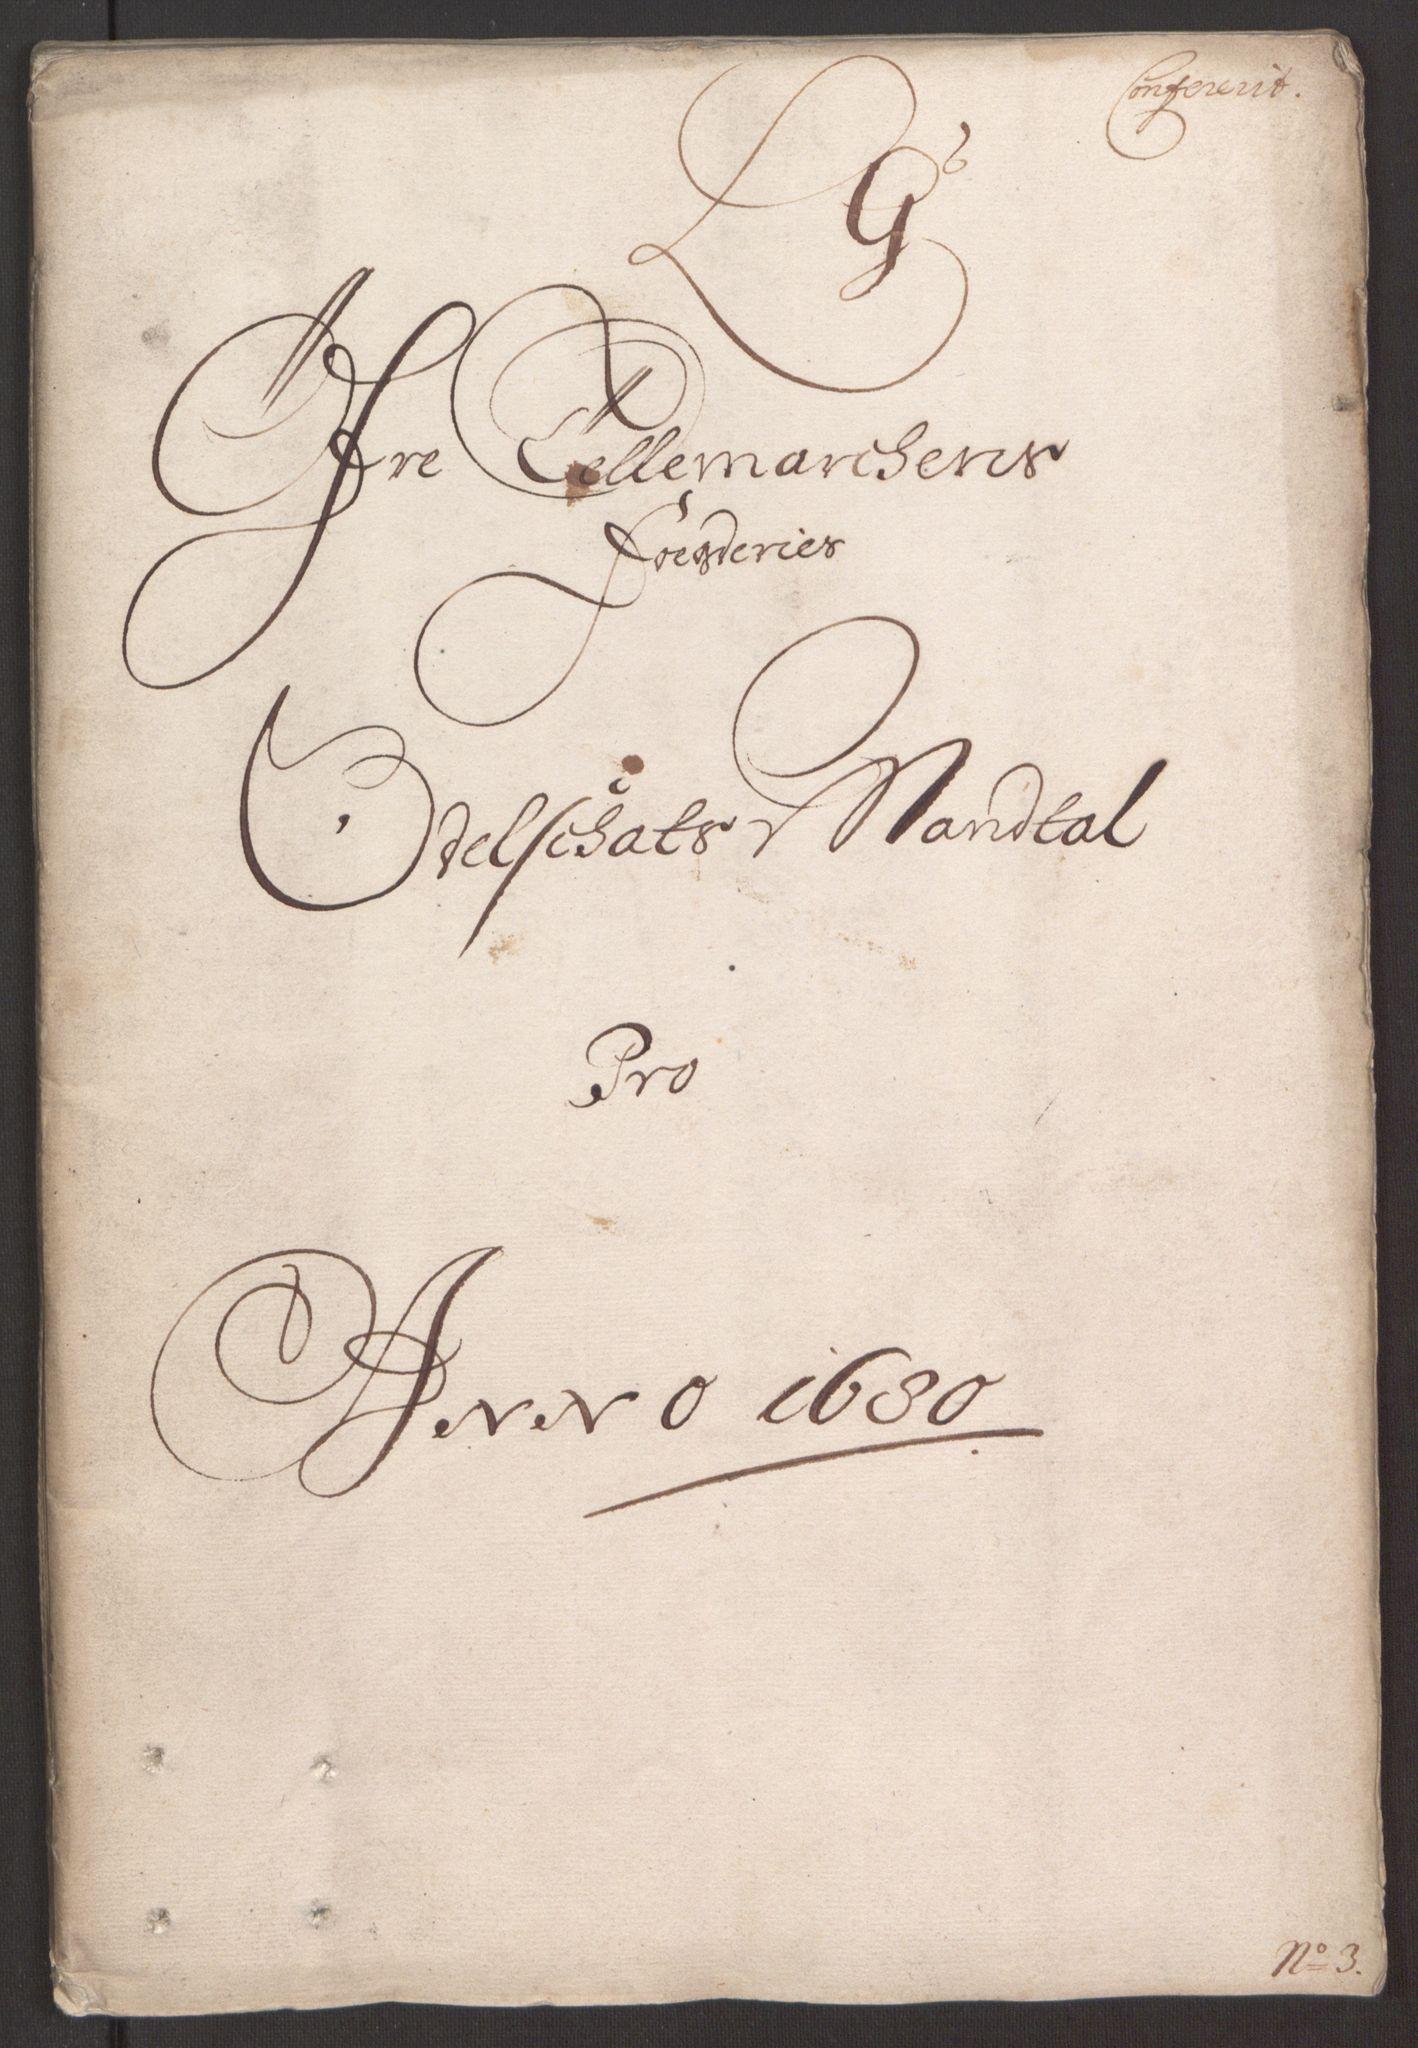 RA, Rentekammeret inntil 1814, Reviderte regnskaper, Fogderegnskap, R35/L2076: Fogderegnskap Øvre og Nedre Telemark, 1680-1684, s. 81